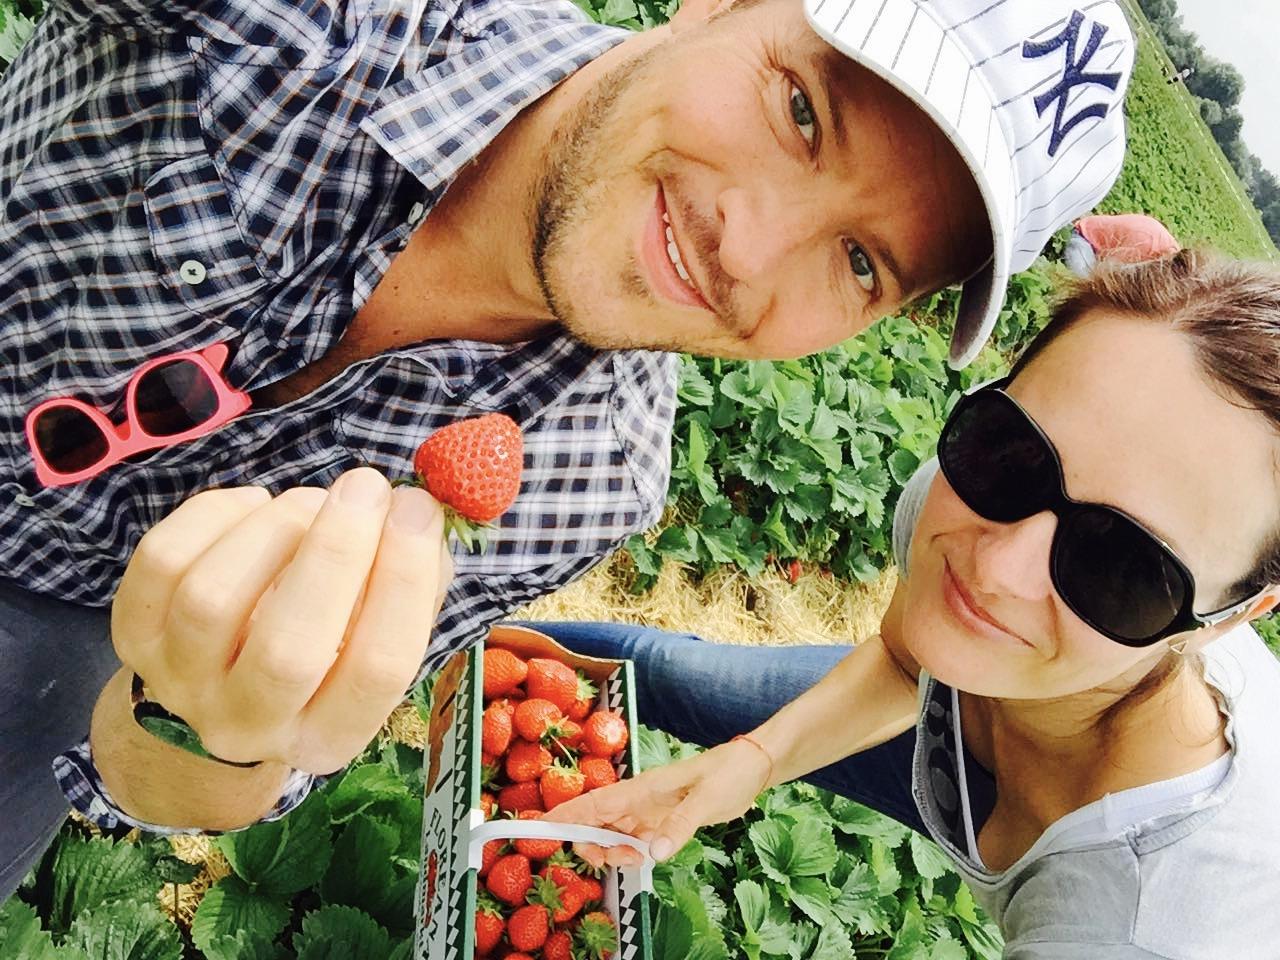 Pärchen mit Erdbeerkorb im Erdbeerfeld beim Floreana Landmarkt in Wadersloh bei Bad Waldliesborn